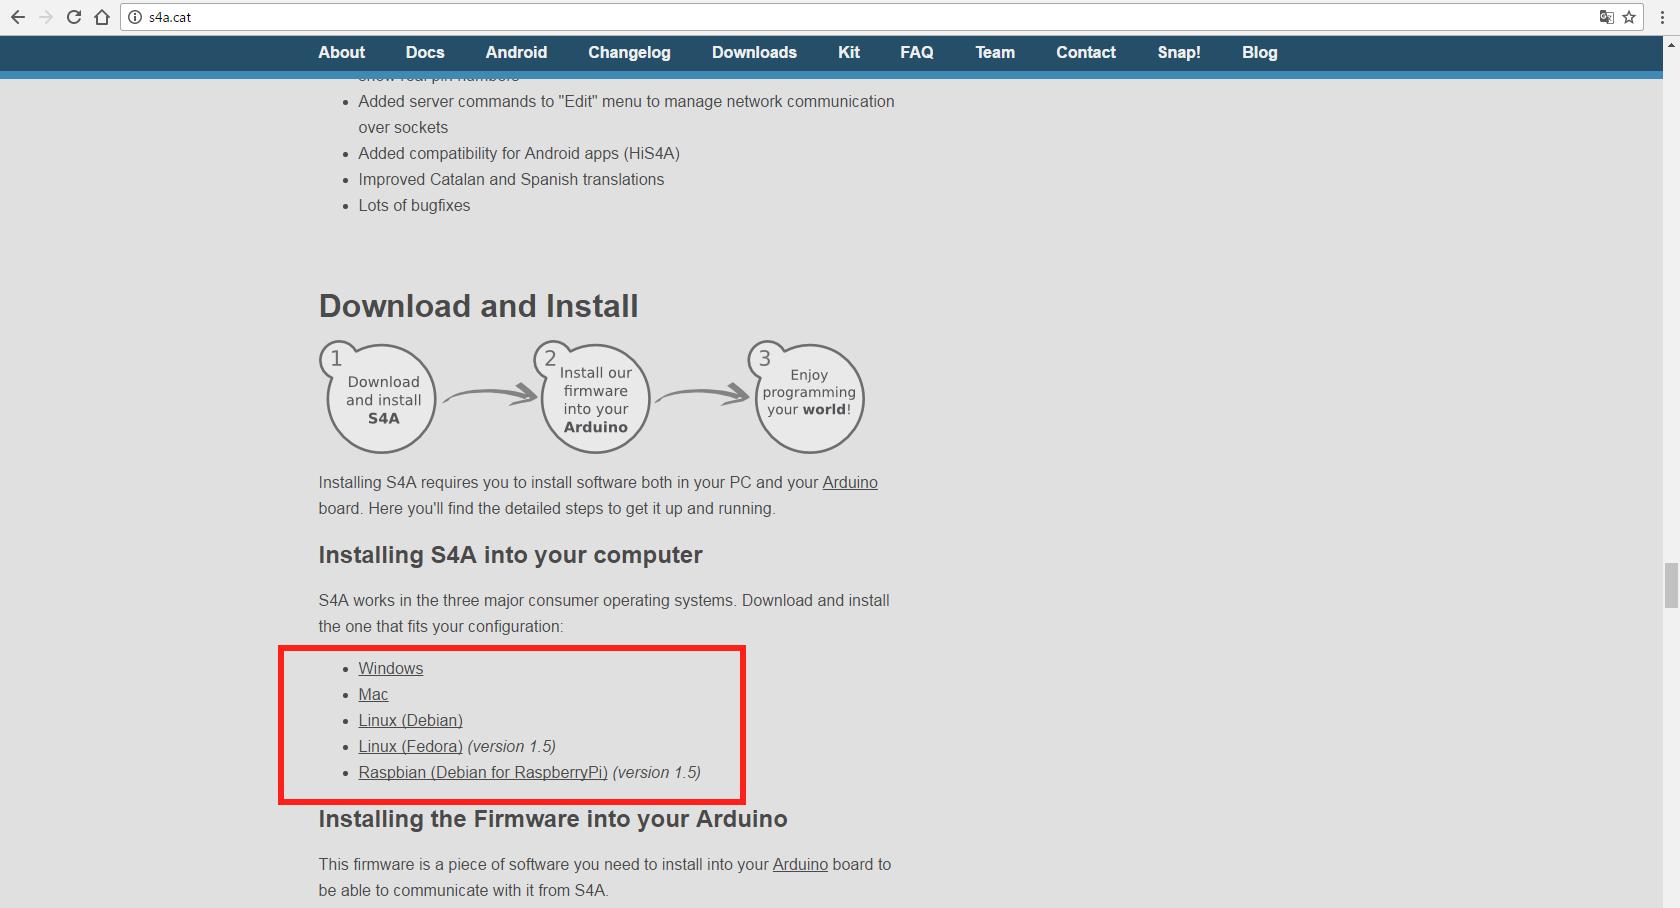 программирования Arduino для того чтобы вы разобрались как с ним работать Заходим на сайт проекта https4acat